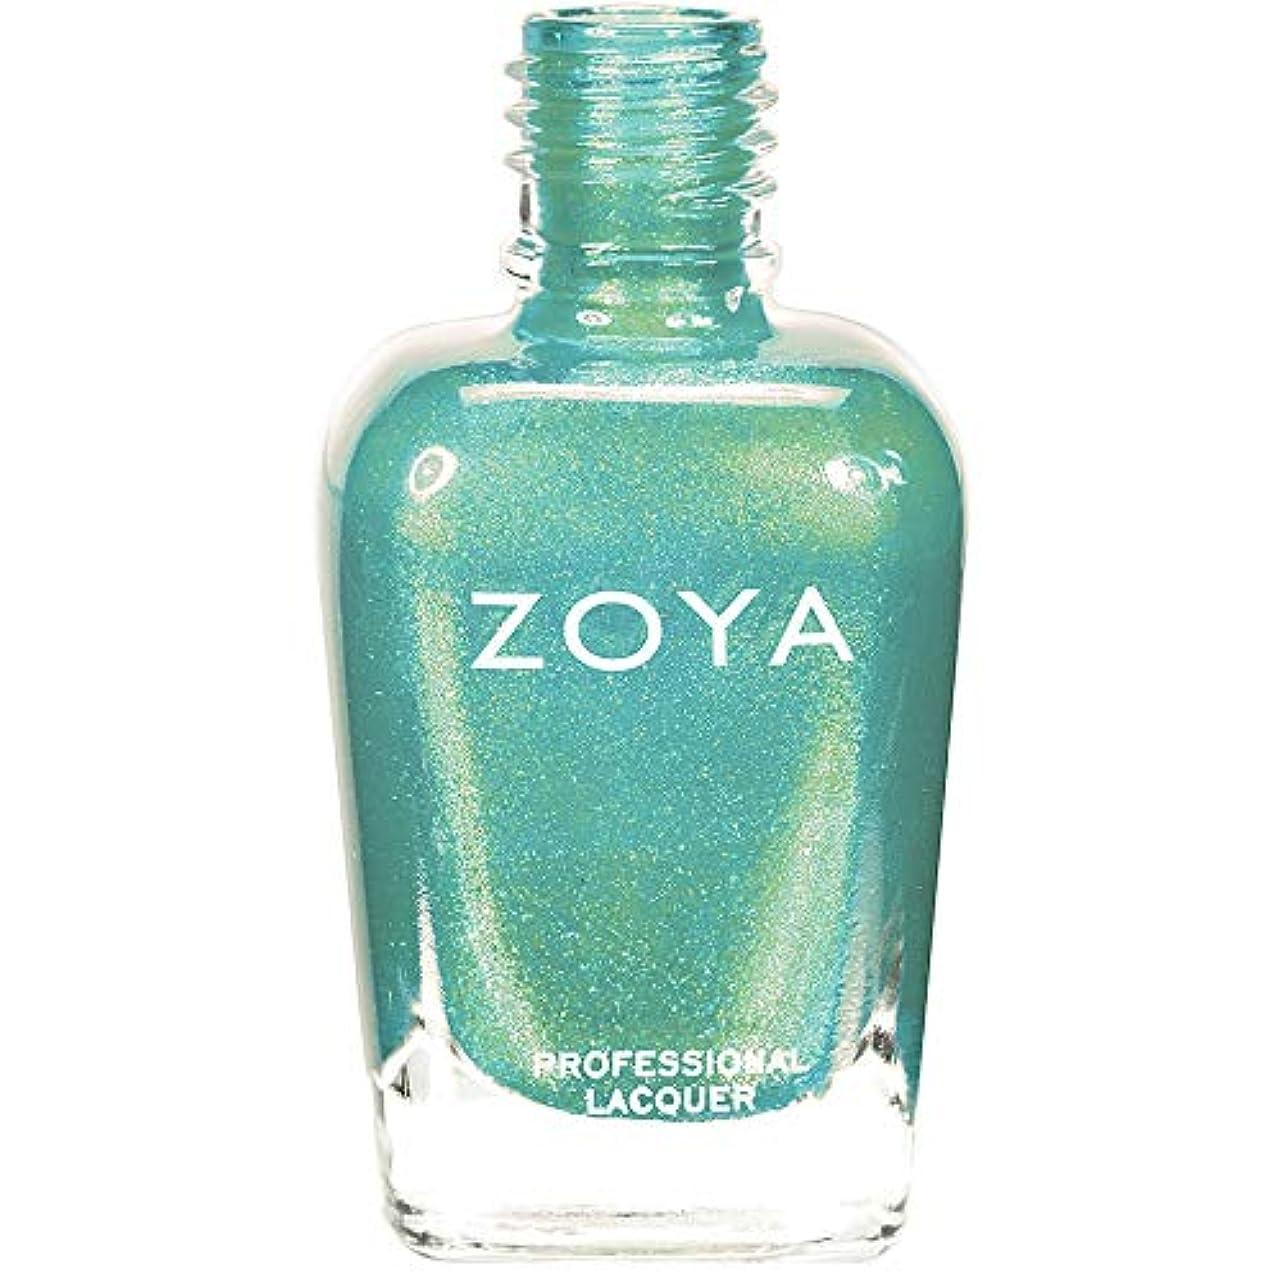 ブルームジャングルリラックスしたZOYA (ゾーヤ) ネイルカラー 15mL [ZP625] ズザ